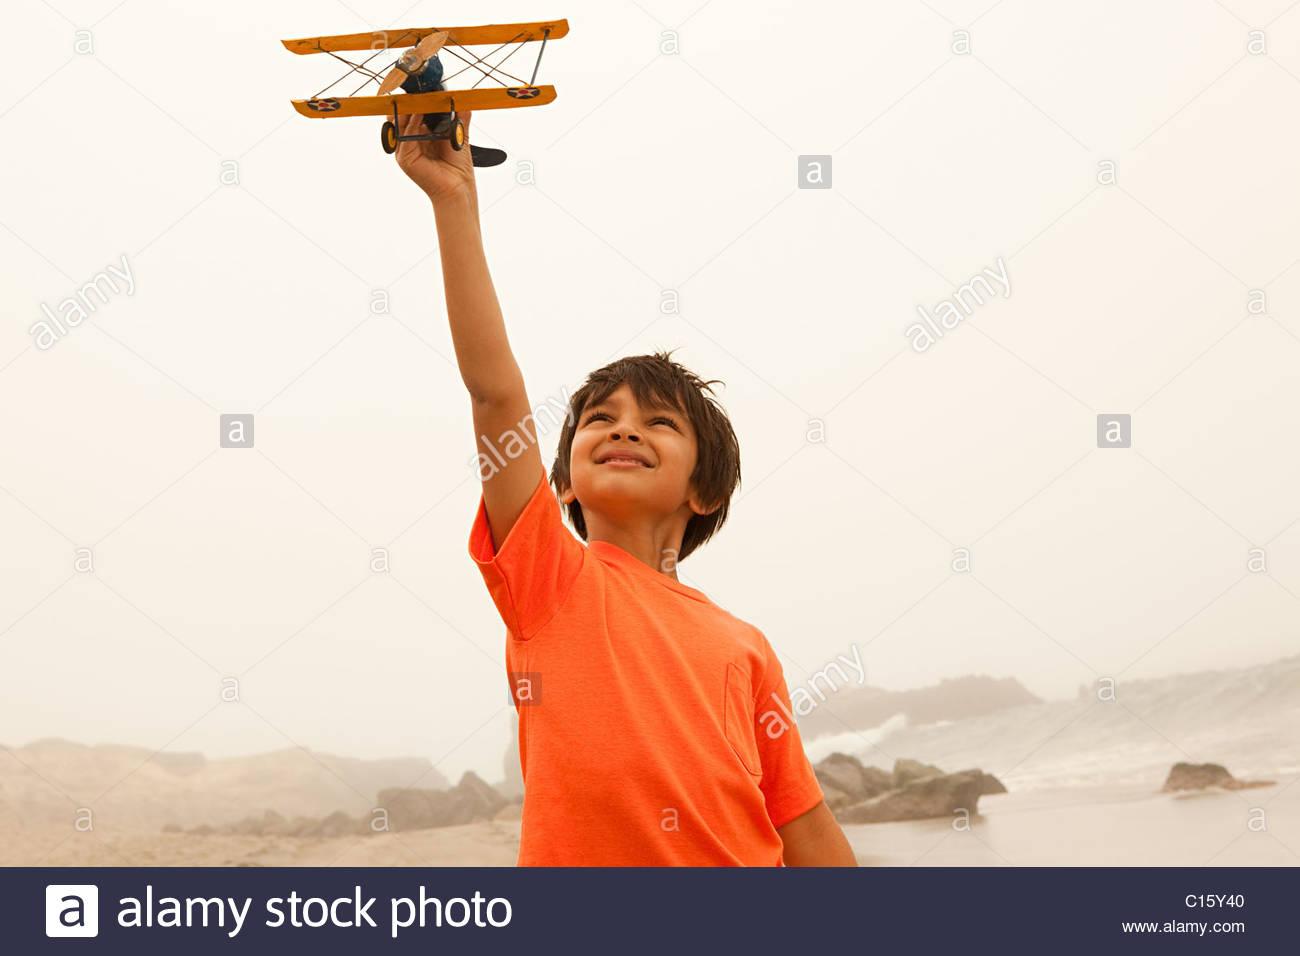 Chico vestían camiseta naranja jugando con avión de juguete Imagen De Stock